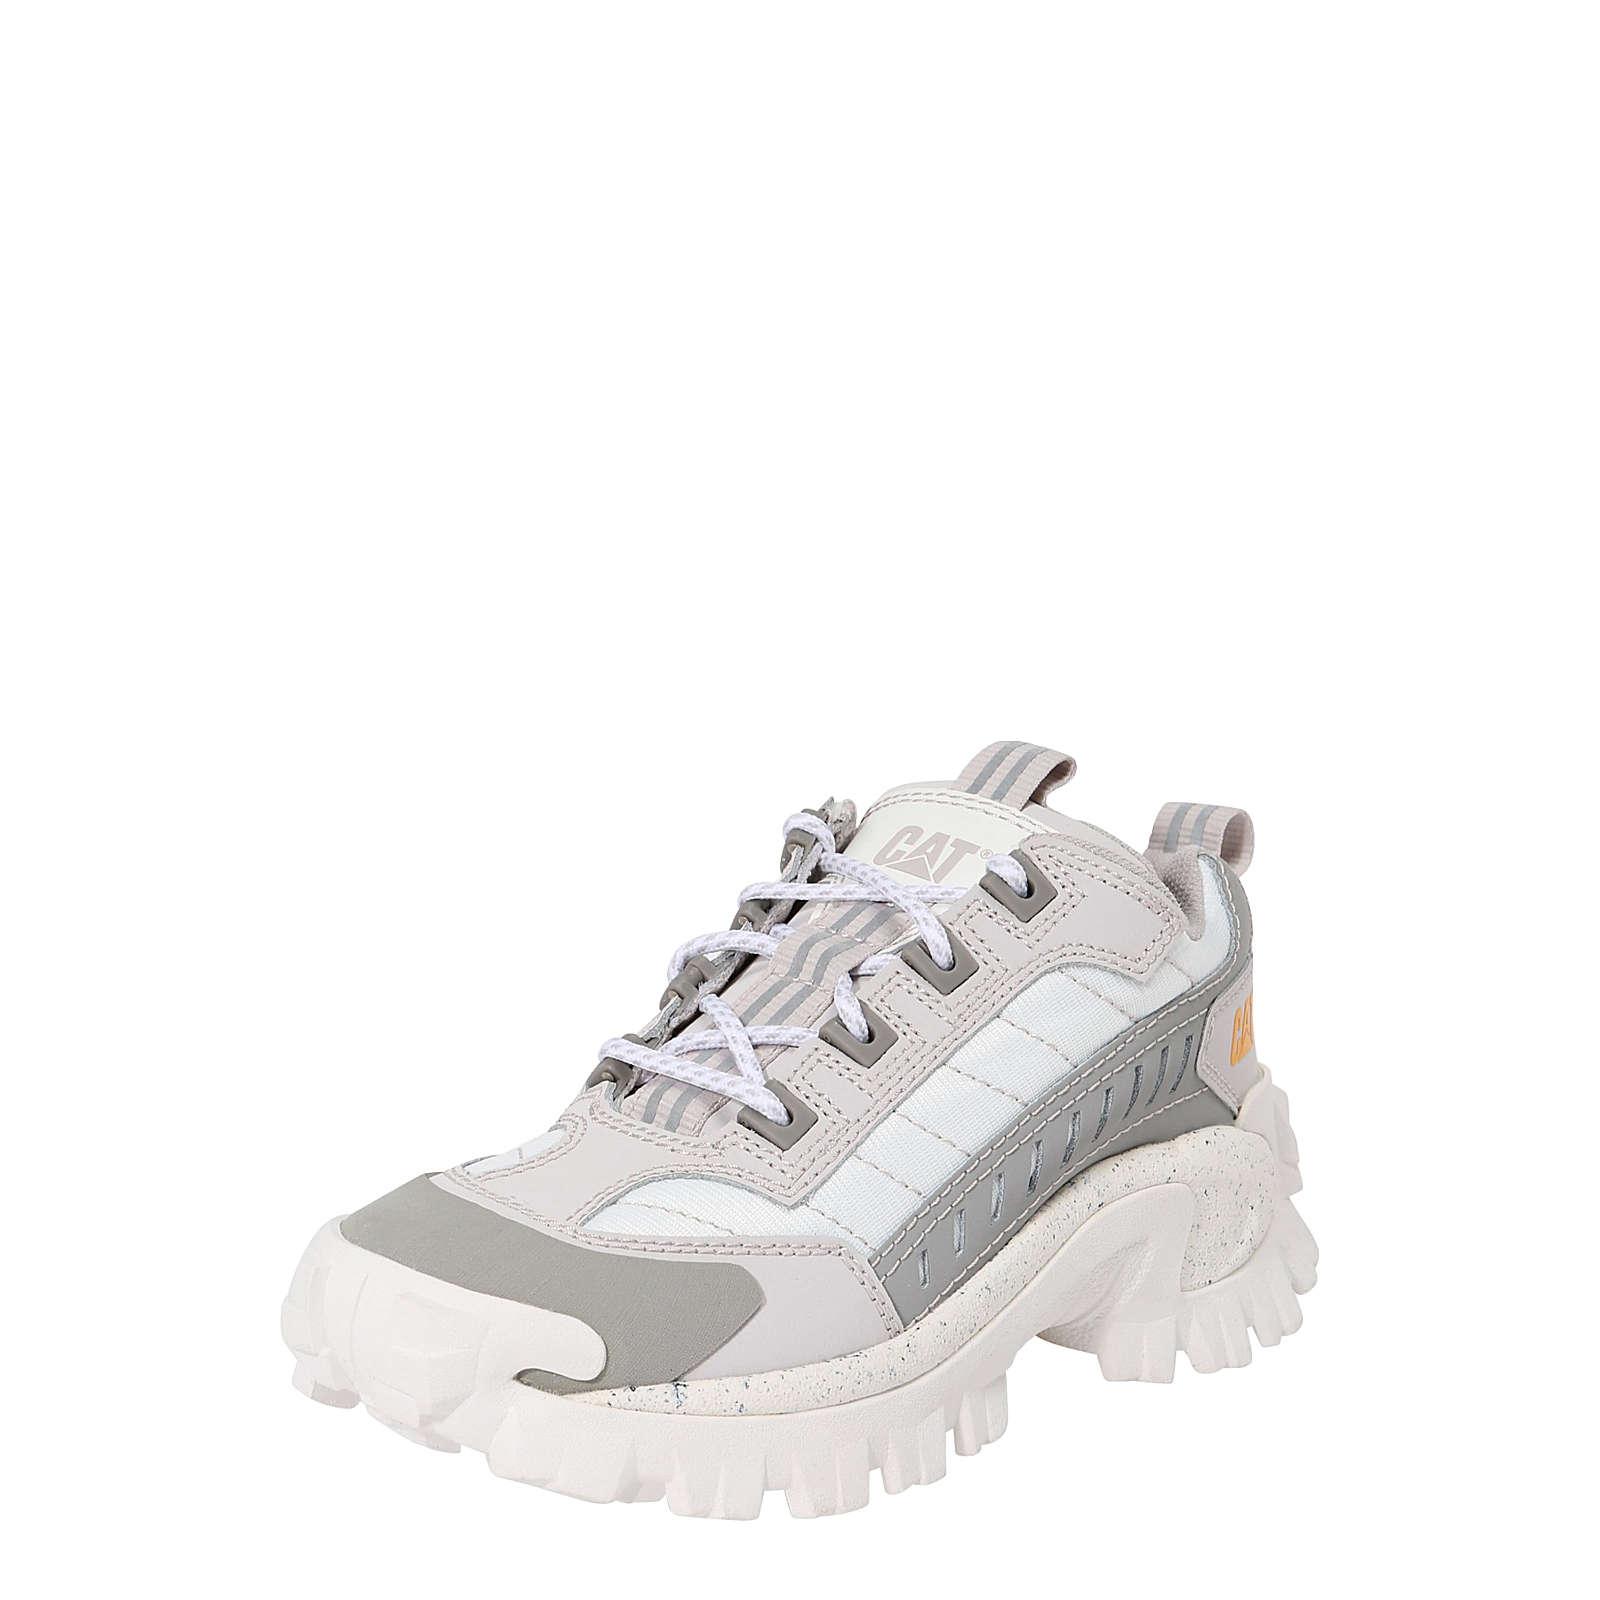 CATERPILLAR Sneaker low Intruder Lea Sneakers Low offwhite Damen Gr. 37